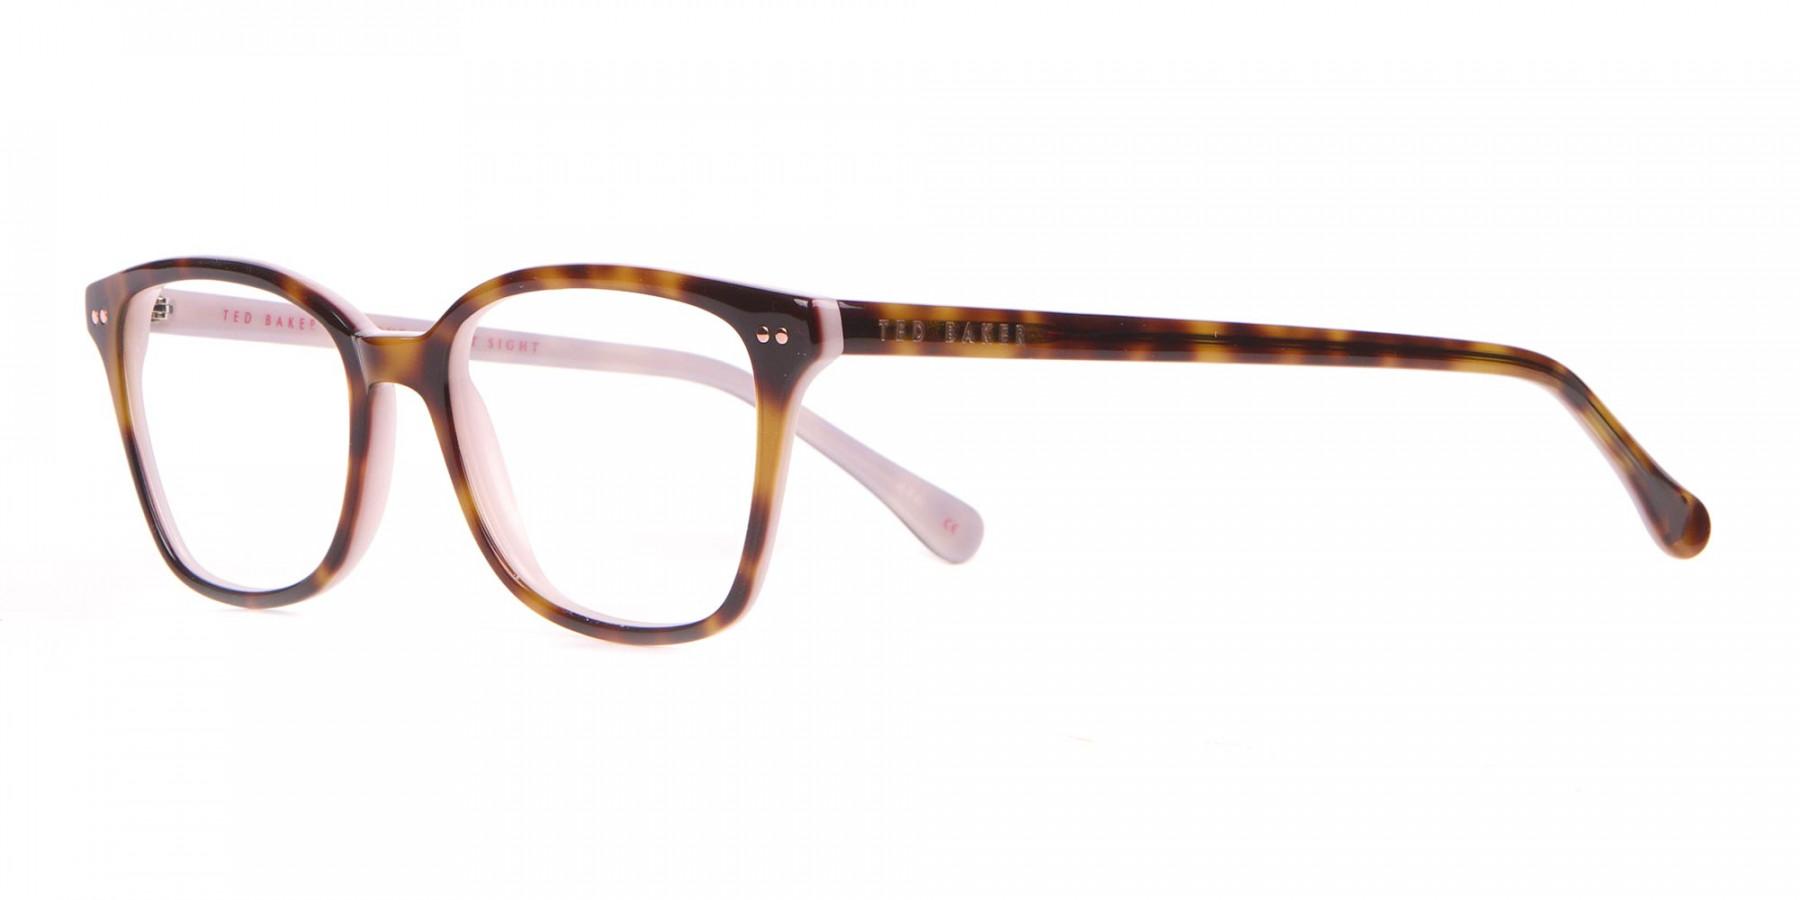 Ted Baker TB9123 CODY Pink & Tortoise Rectangular Frame-1